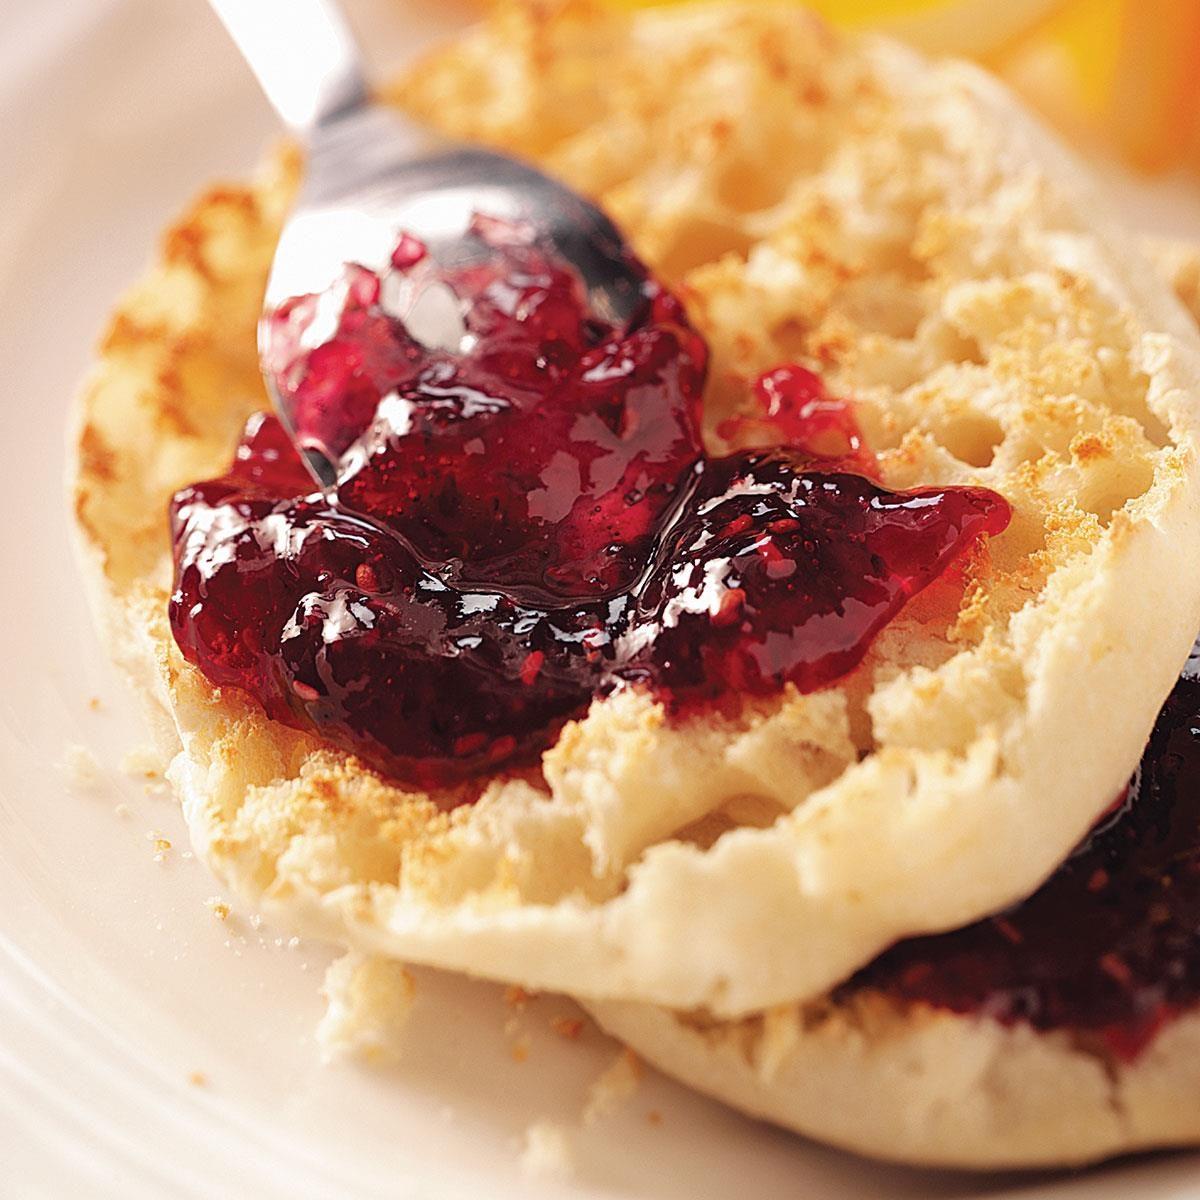 Berry That Makes Food Taste Sweet